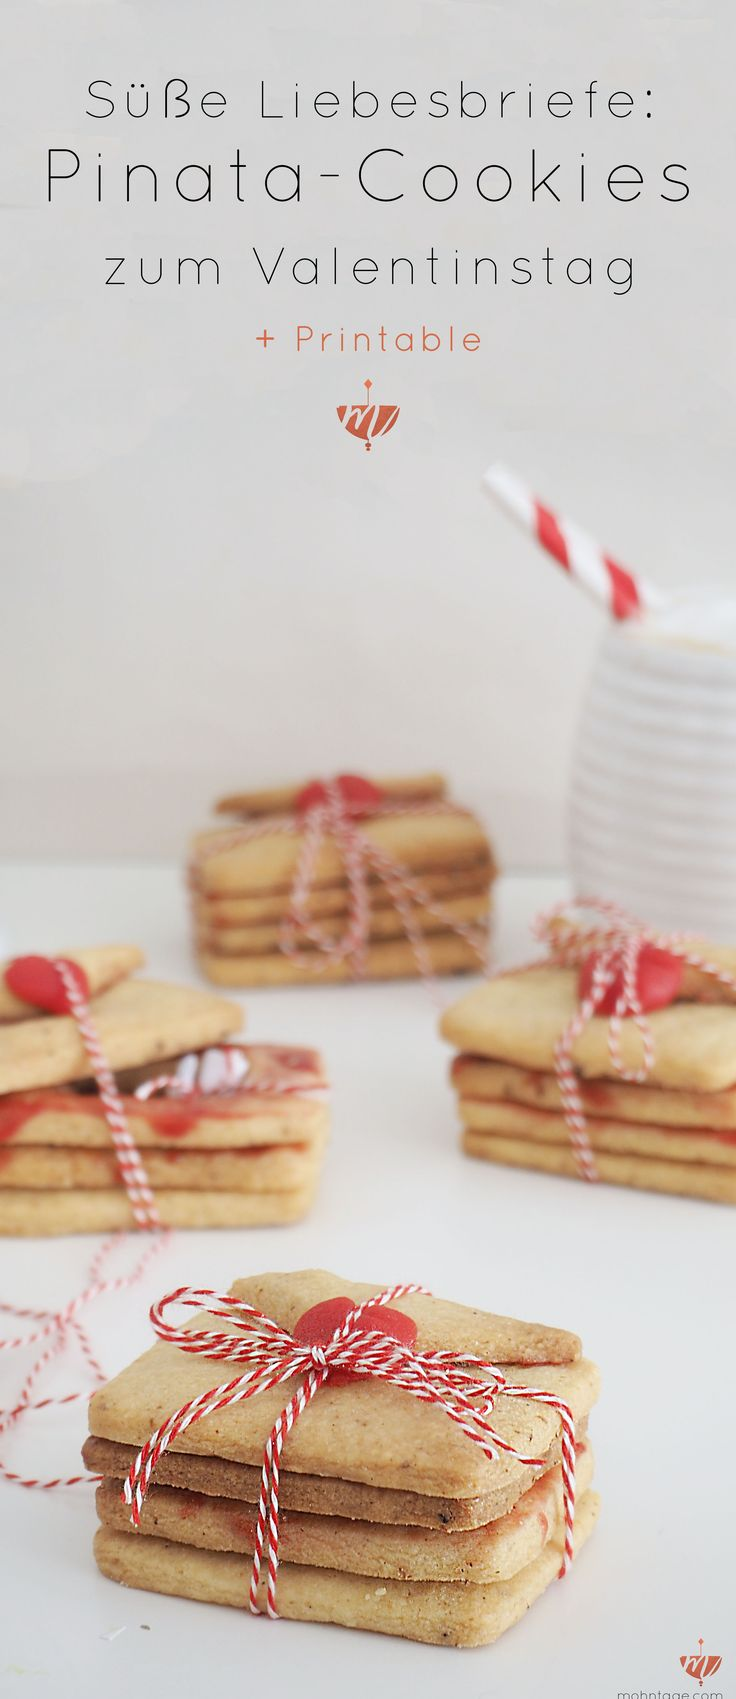 Süße Liebesbriefe zum Valentinstag. In diesen Pinata-Cookies kannst Du eine kleine Nachricht verstecken. Valentinstag, Pinata-Cookies, Cookies, Valentinstag DIY, DIY-Idee, Rosenwasser, Marzipan, weiße Schokolade, Garn und mehr, Liebesbriefe, #bemine, #bemyvalentine